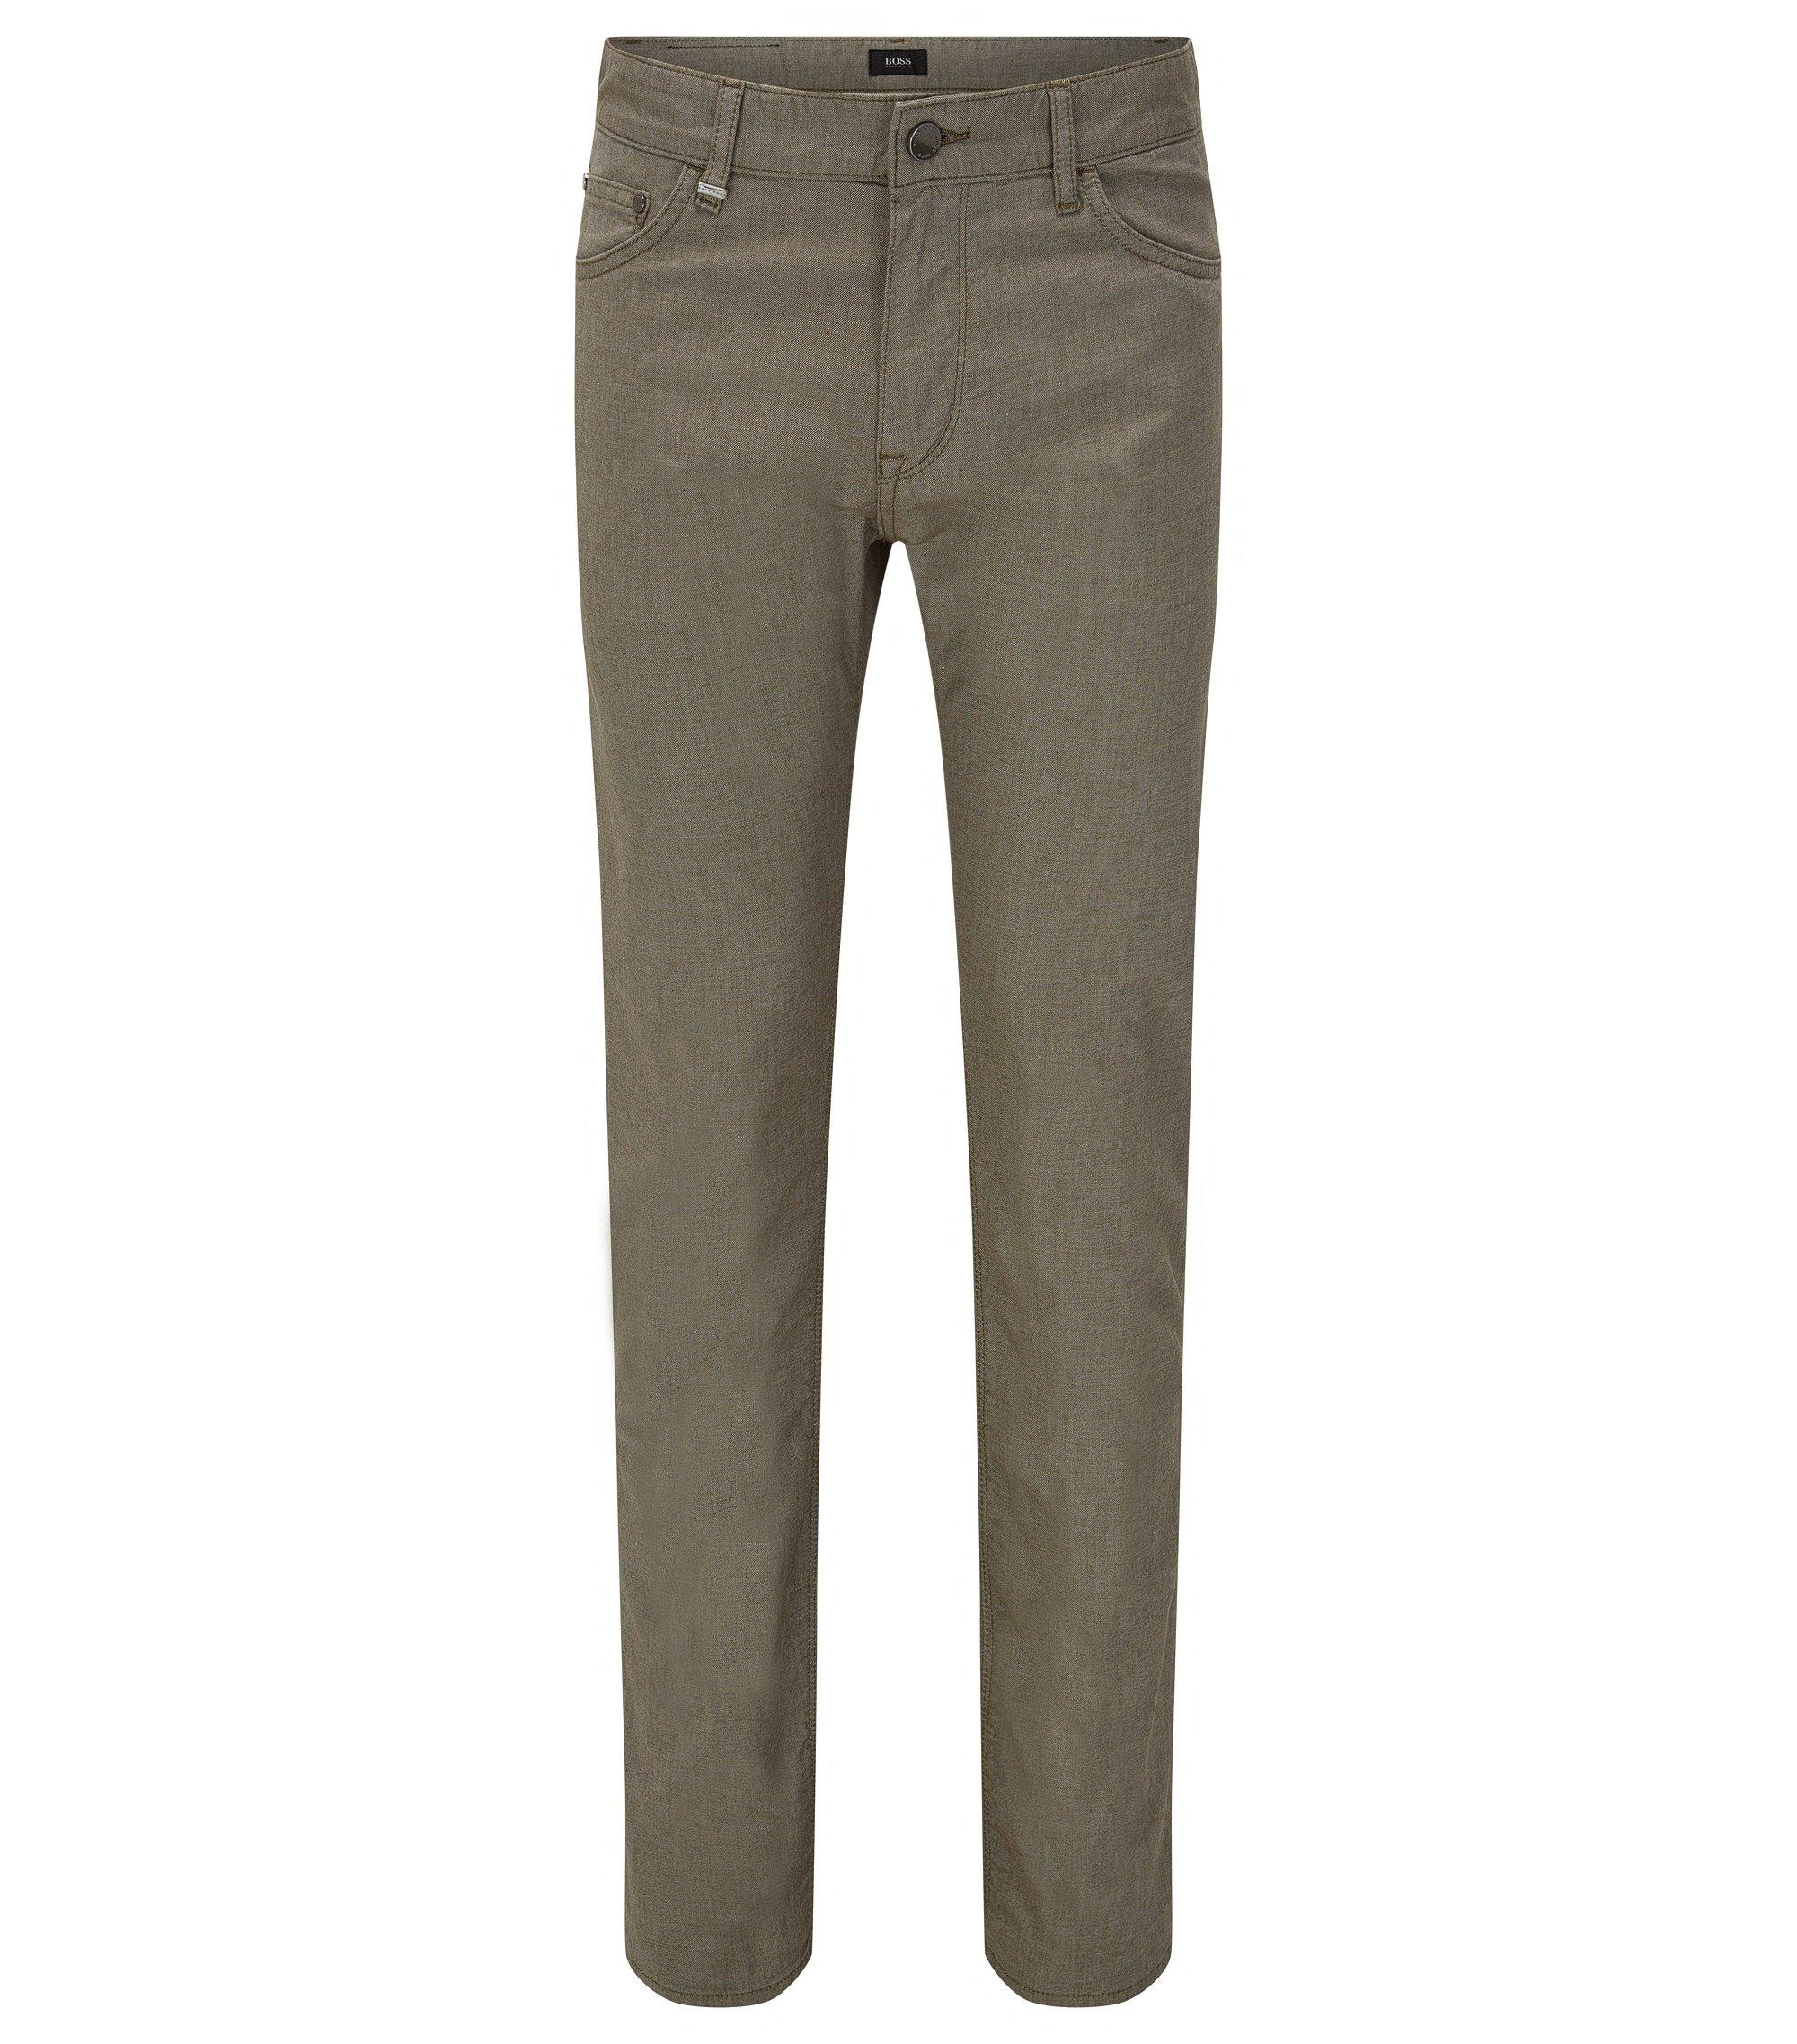 11.6 oz Stretch Cotton Jeans, Regular Fit | Maine, Dark Green